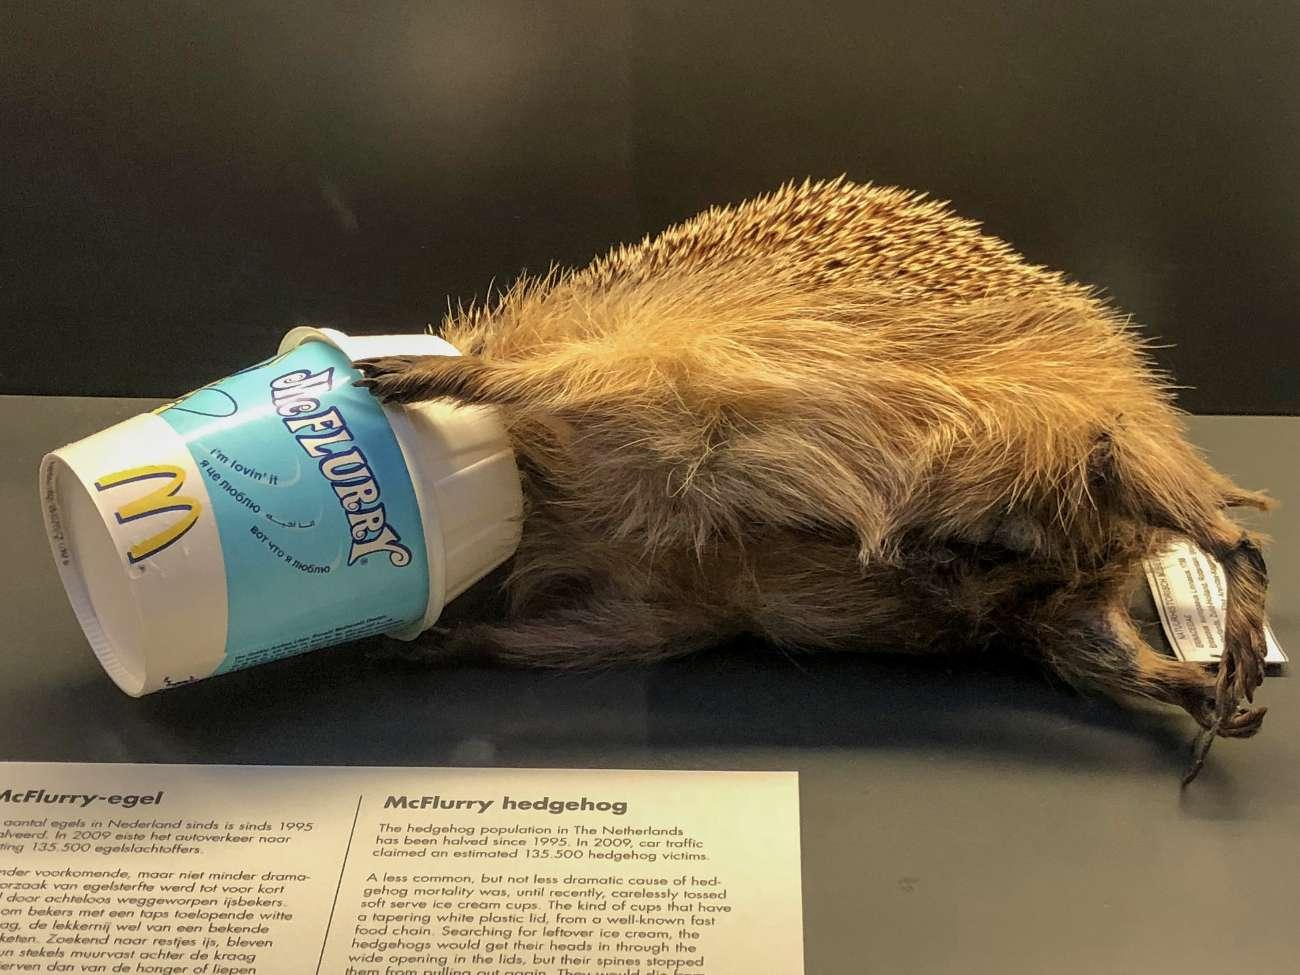 Ein Igel, der mit seinem Kopf in einem Becher mit McDonald's stecken geblieben und verendet ist im Natuurhistorisch Museum in Rotterdam.